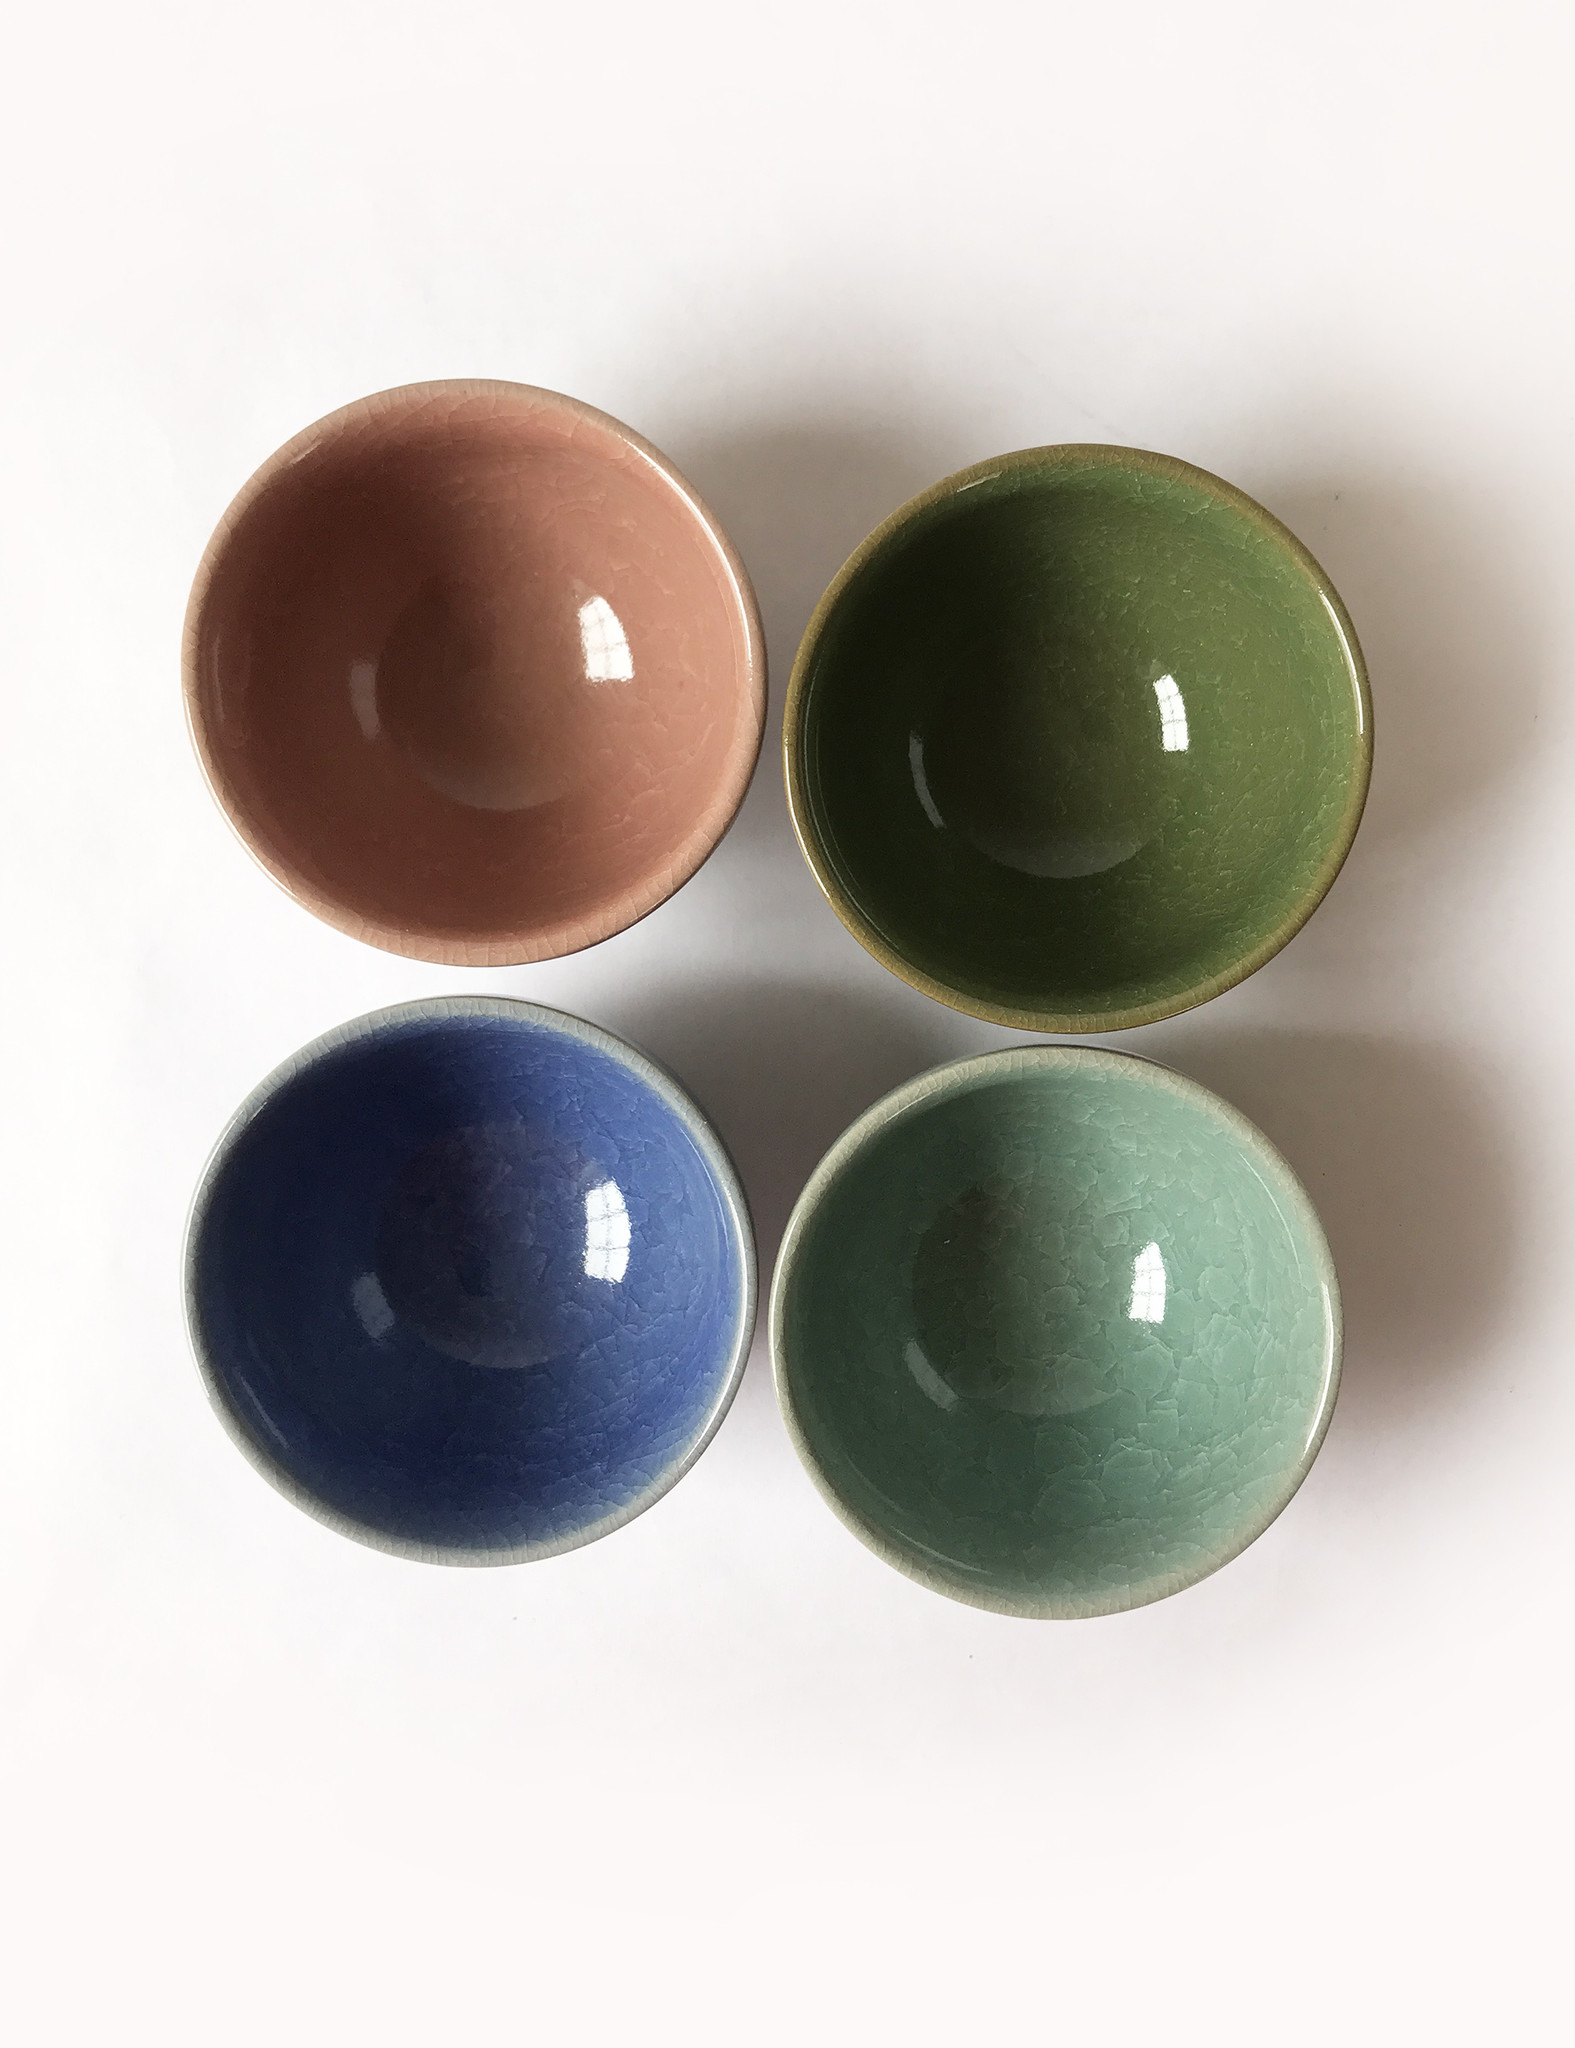 Miya Crackle Tea Cup in Pastels, Set of 4-3